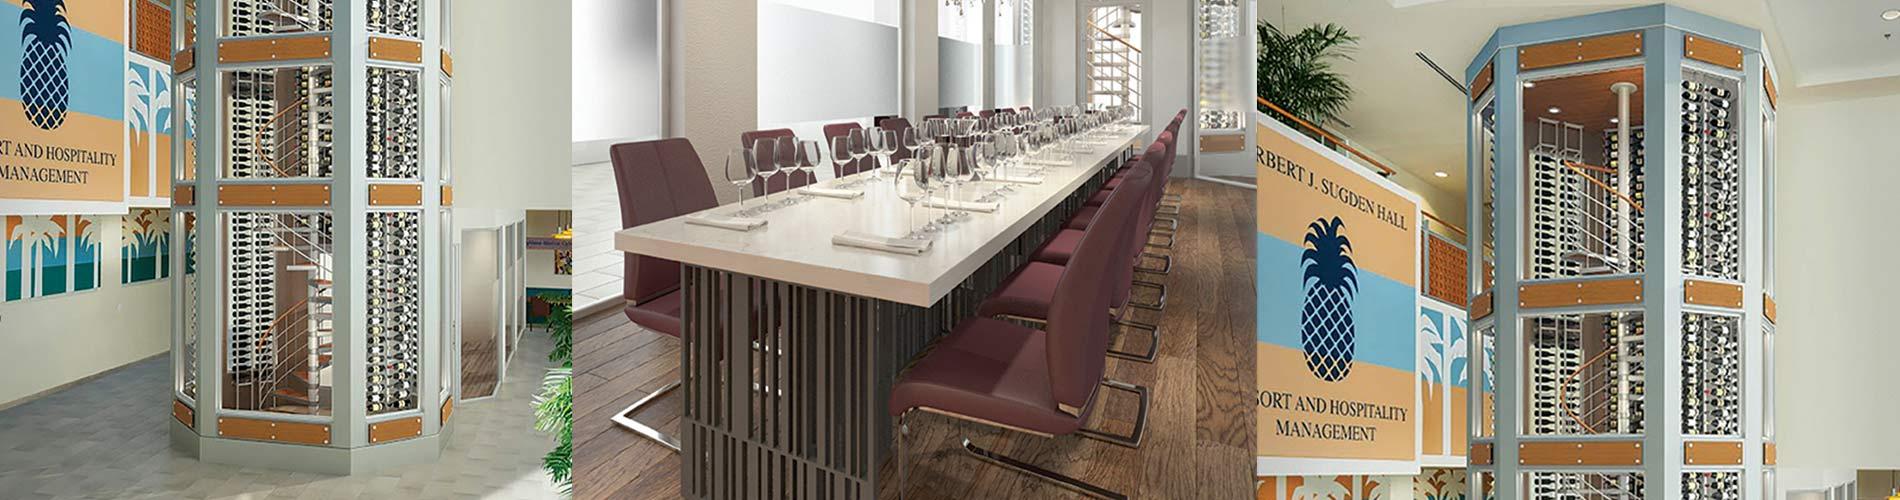 FGCU Wine Tower and Wine Room